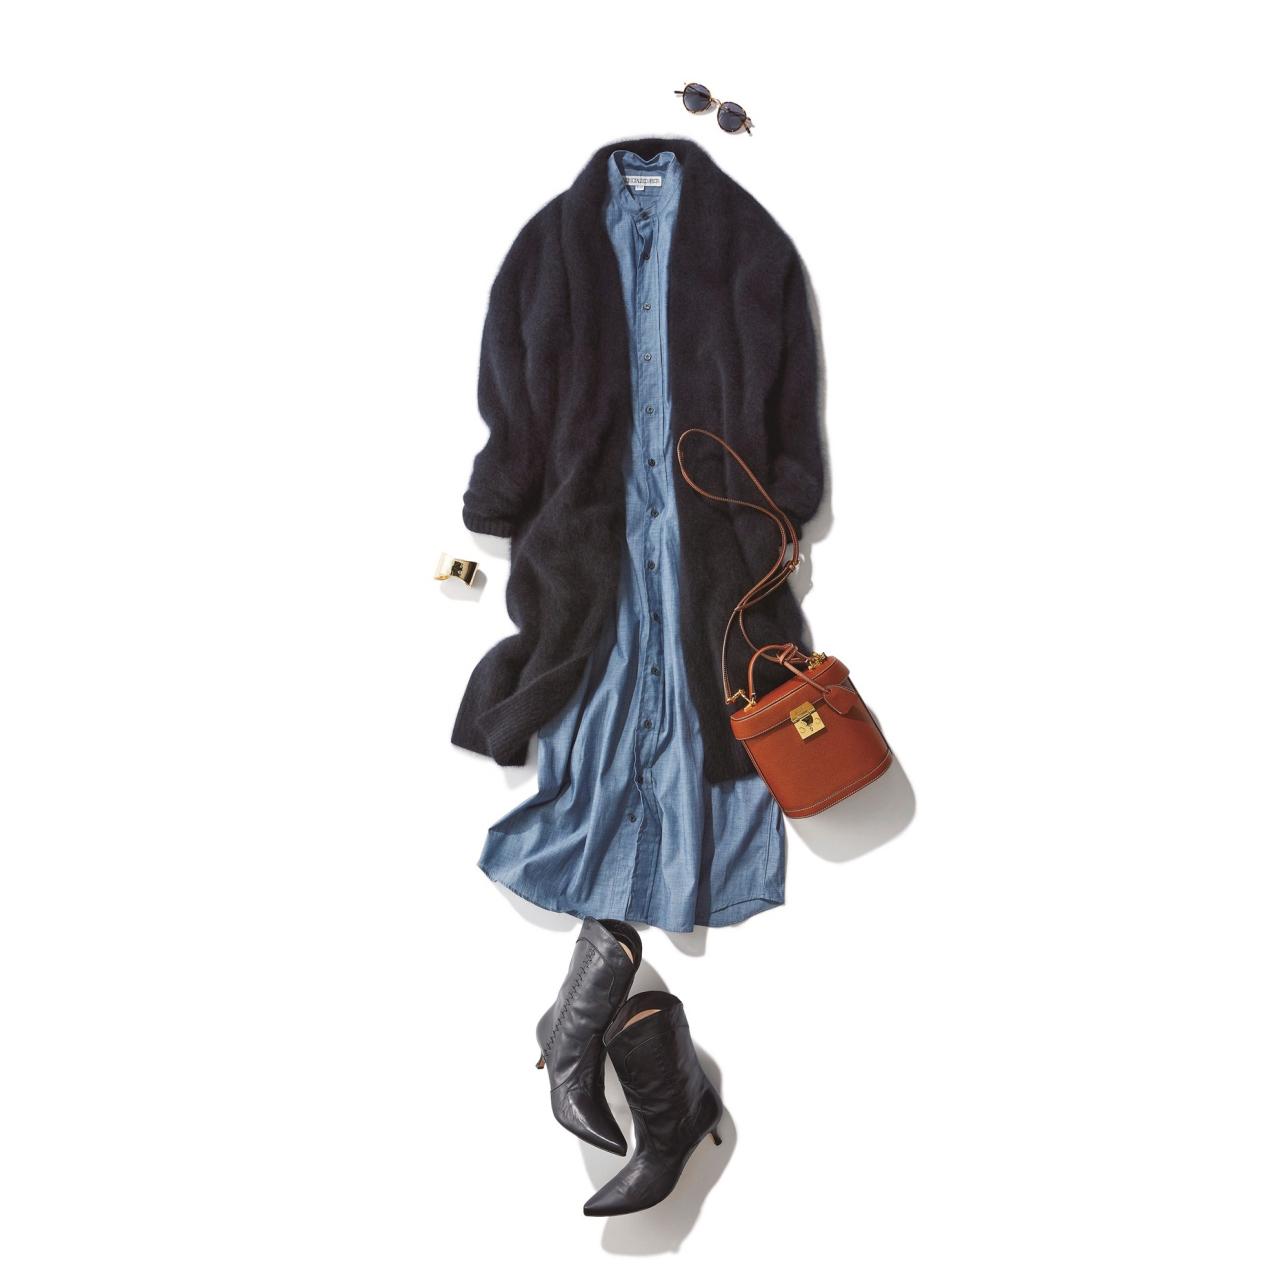 ロングカーディガン×ワンピースのファッションコーデ